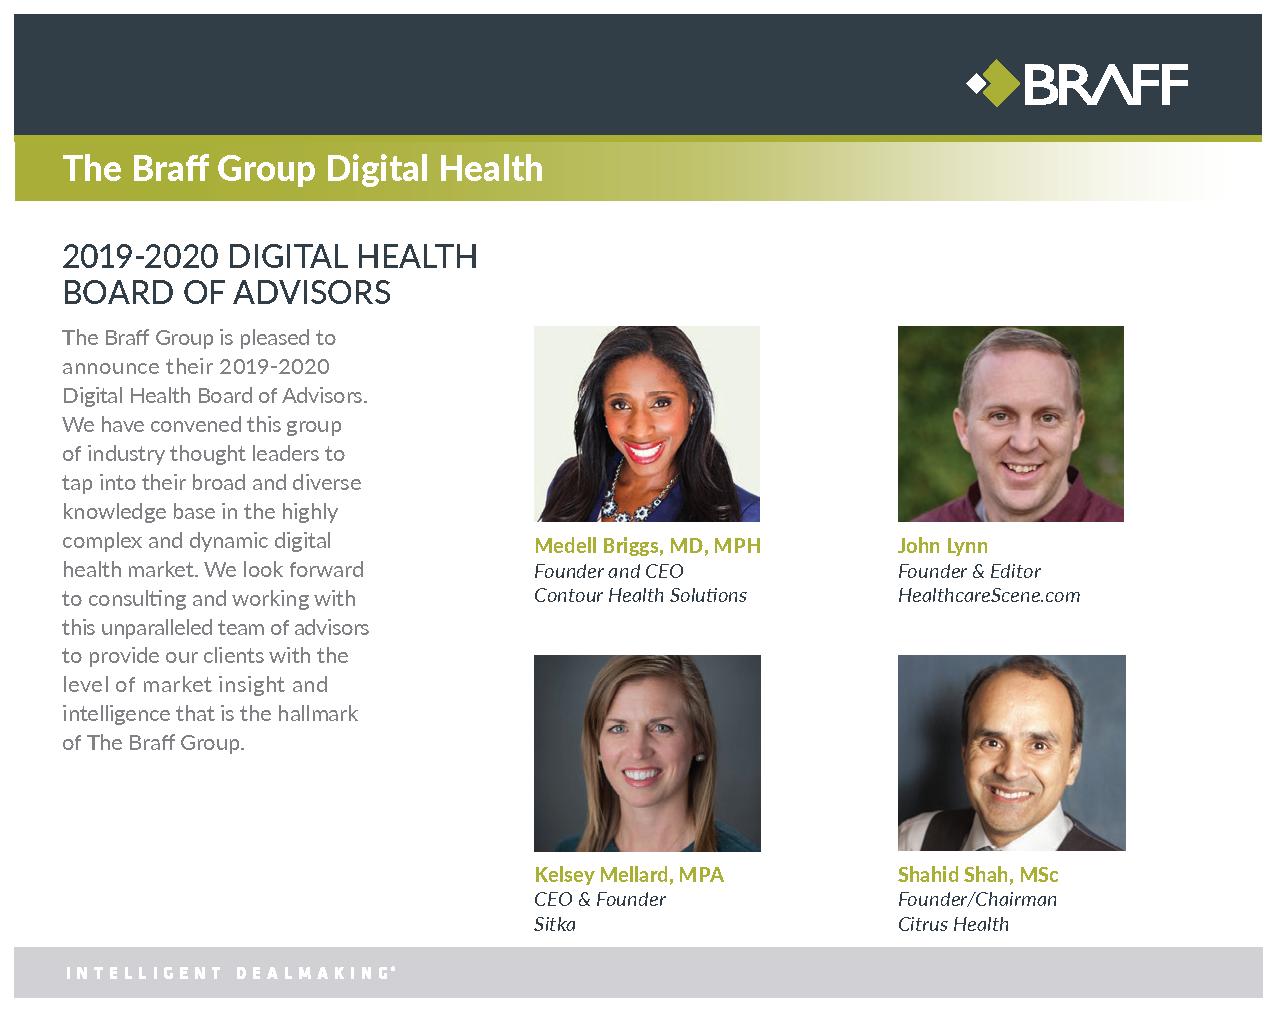 Digital Health Board of Advisors